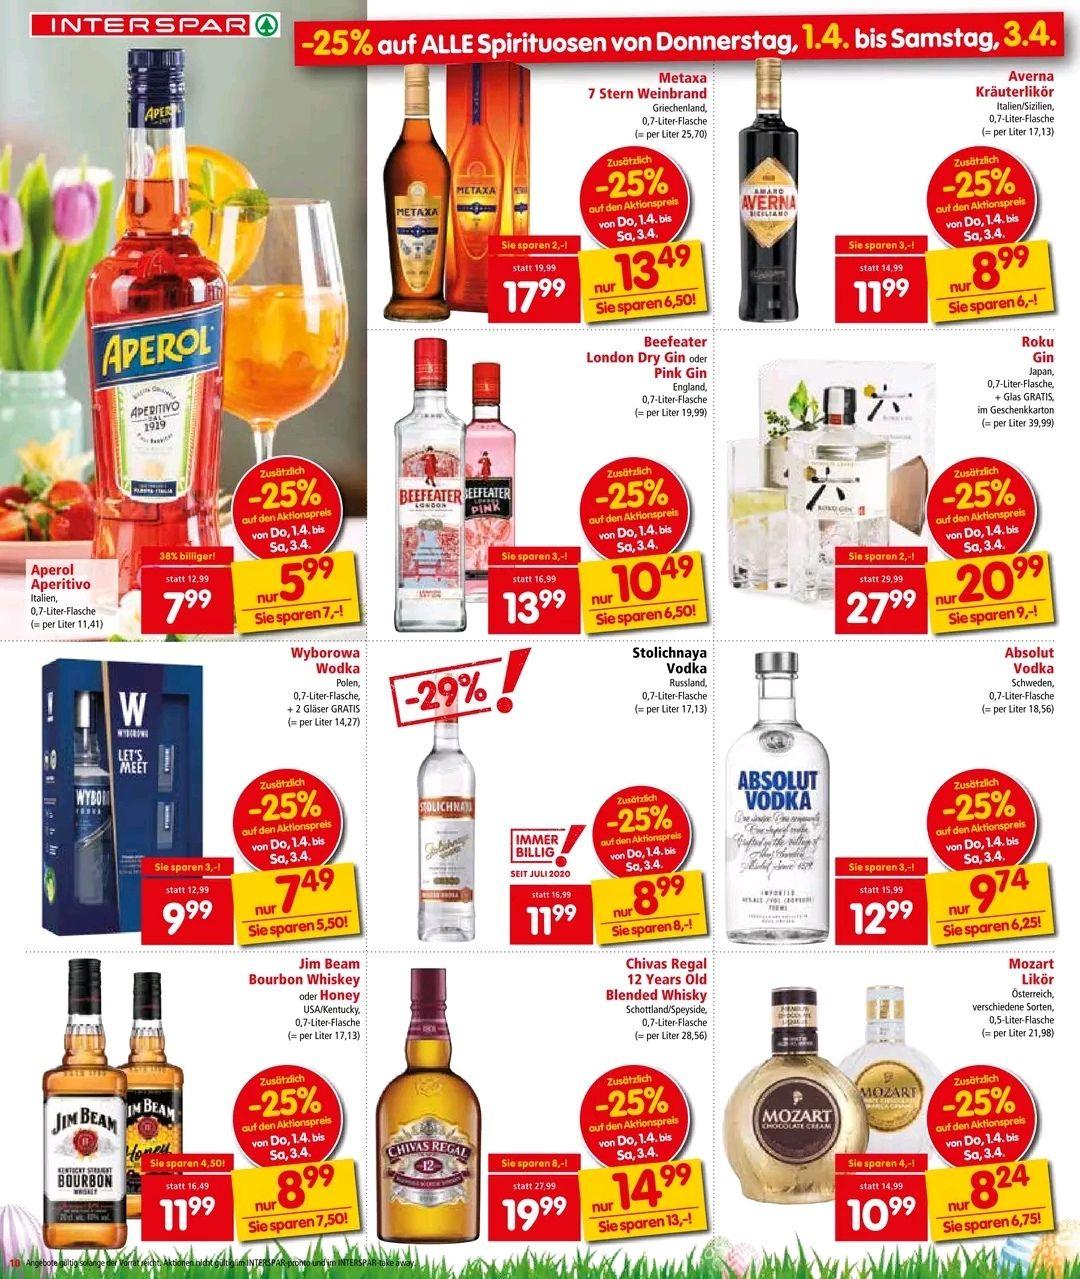 - 25% auf Spirituosen bei Interspar zB Aperol, Metaxa, Absolut, Beefeater, Averna, Chivas, Stolichnaya, Wyborowa